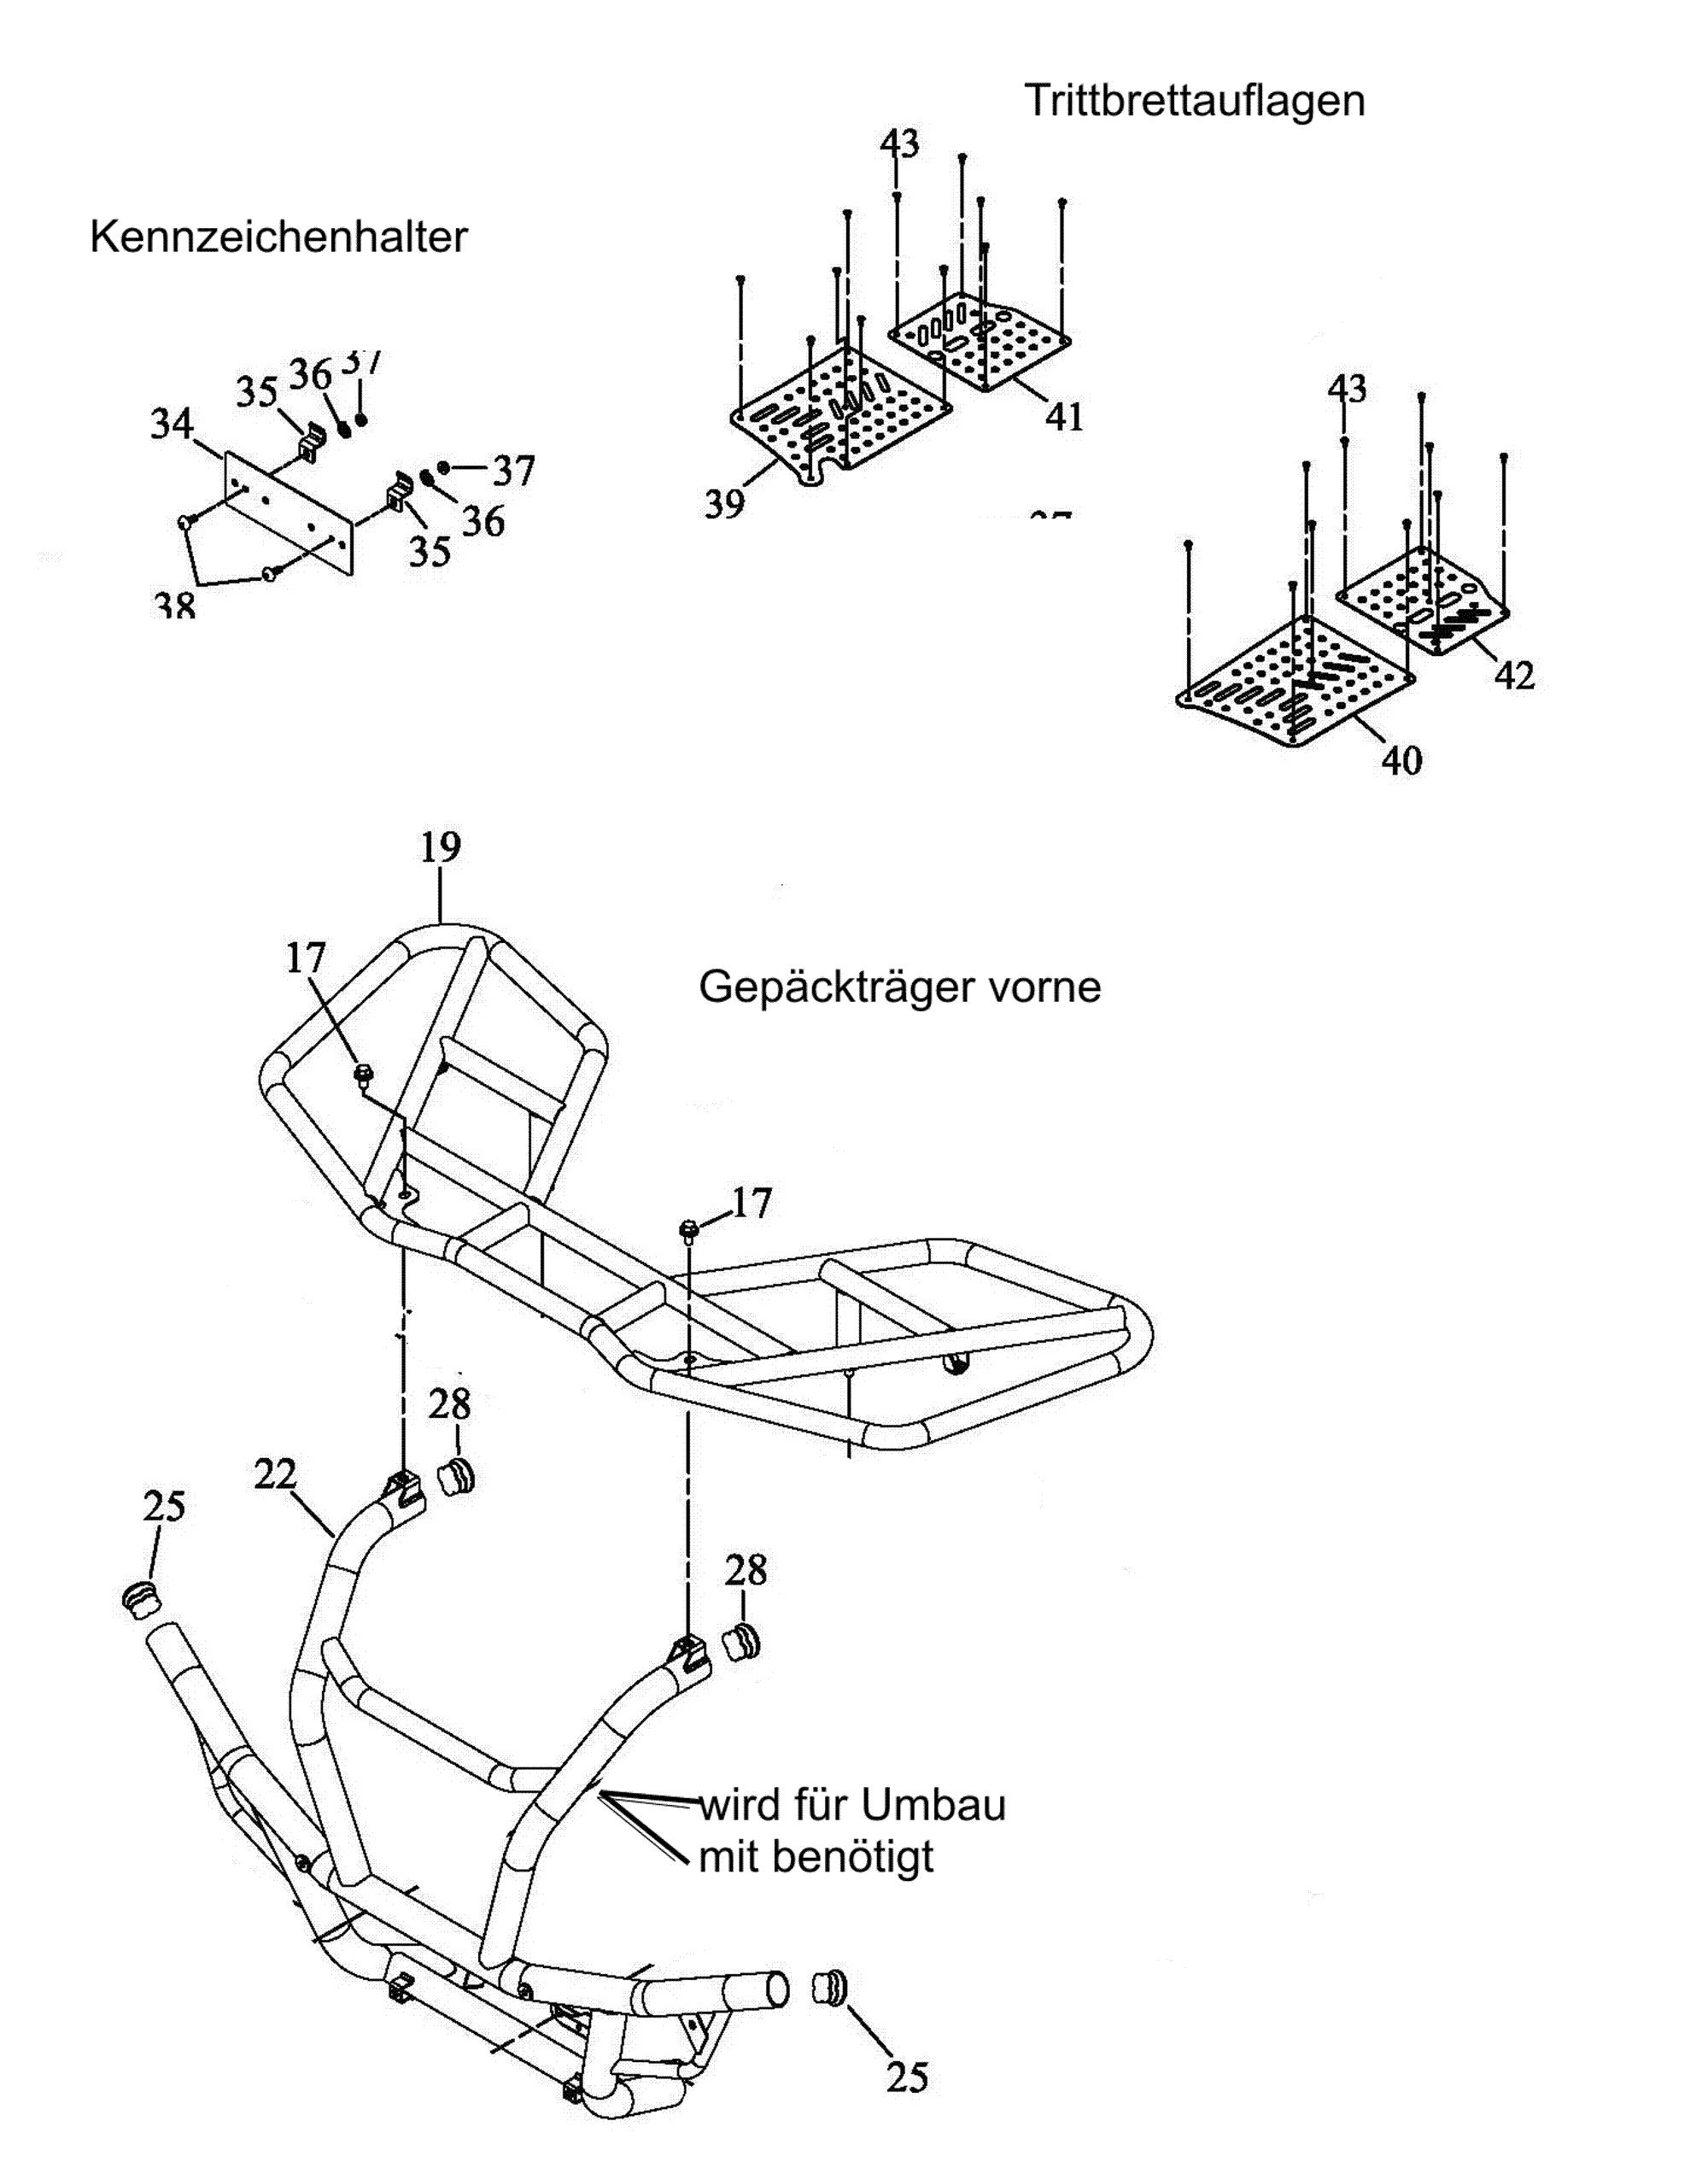 Gepäckträger vo., Trittbrettauflagen, Kennzeichenhalter